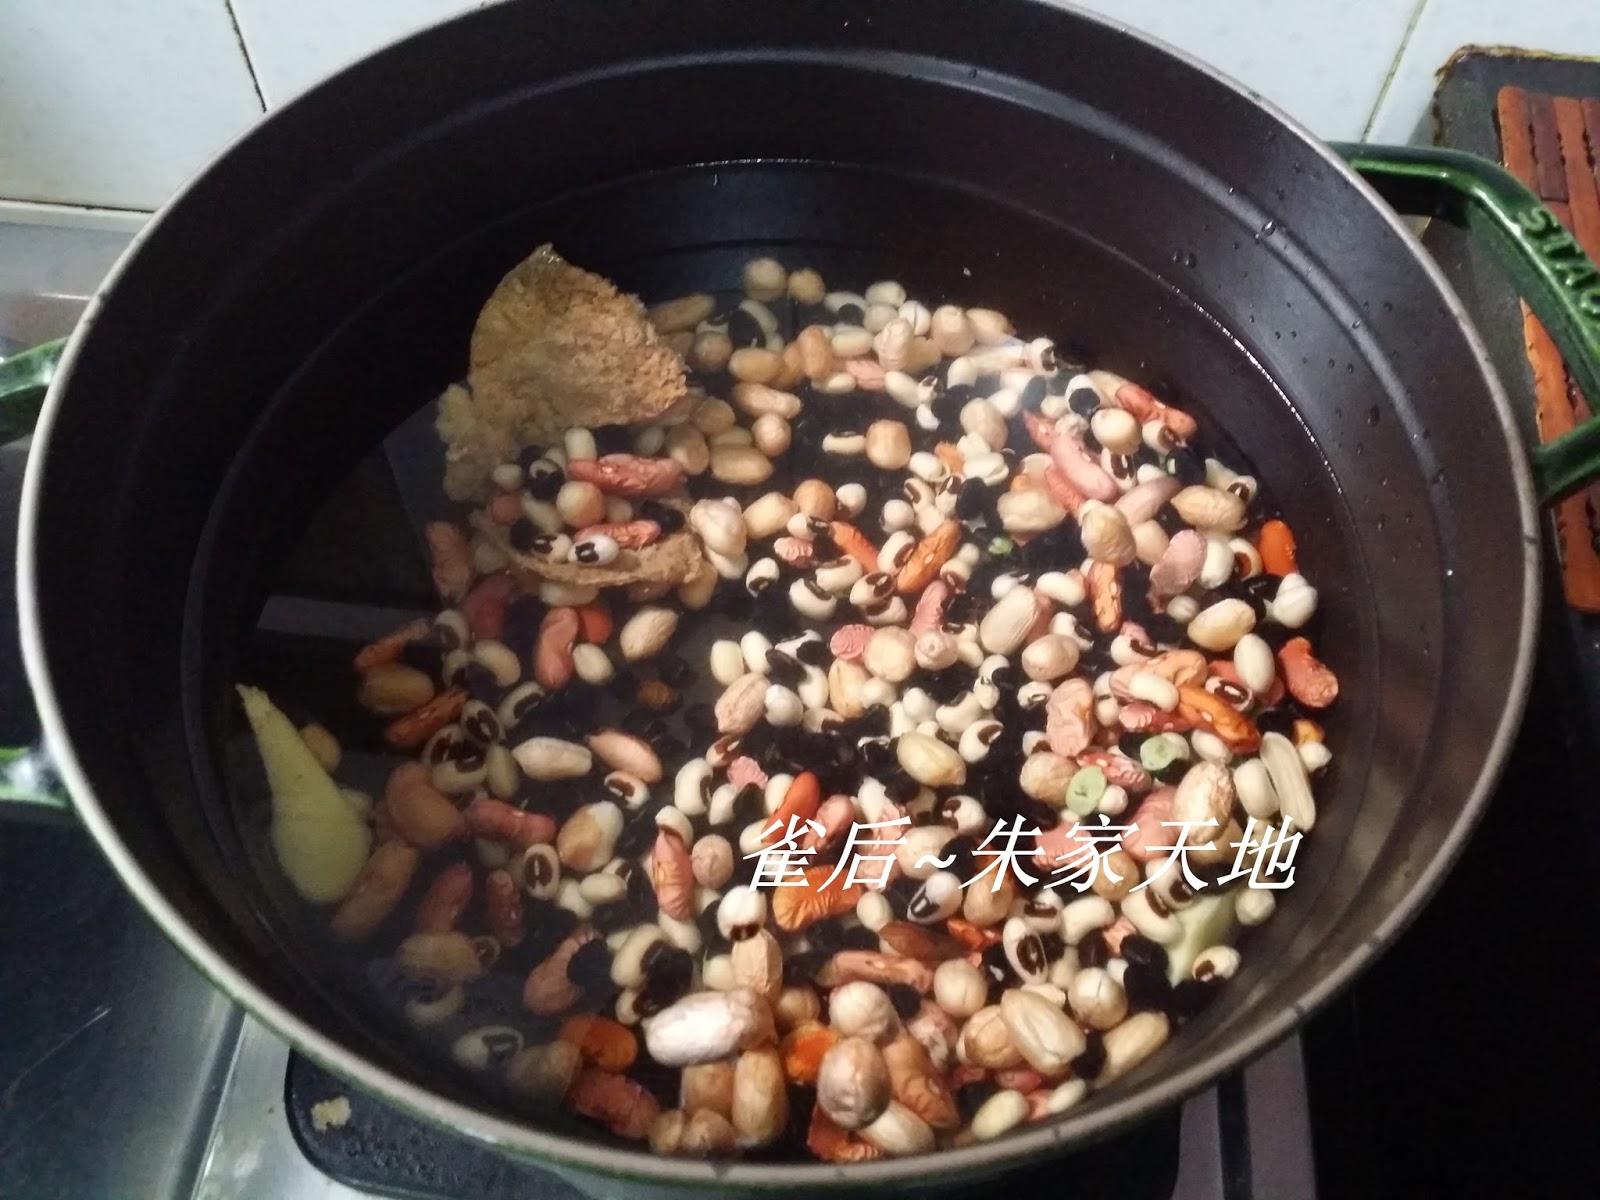 素湯~合掌瓜甘筍雜豆湯